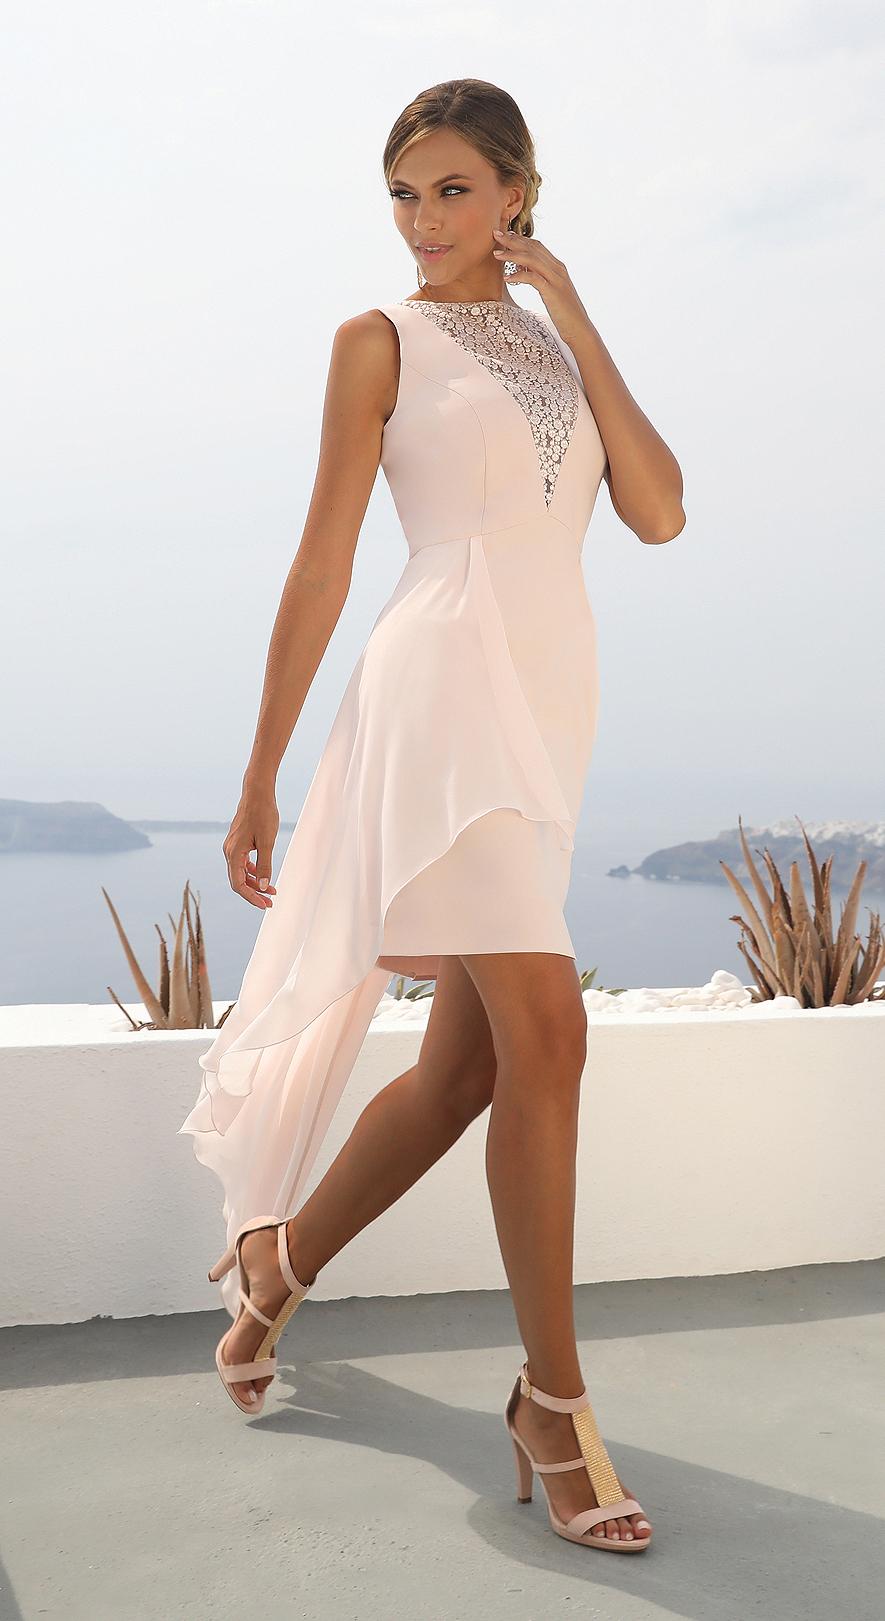 Sexy Lace Bra & Brief Sets Half Transparent Breathable Secret Bras For Women Push Up Underwear Lingerie Vs Soutien Gorge 3323 Bra & Brief Sets